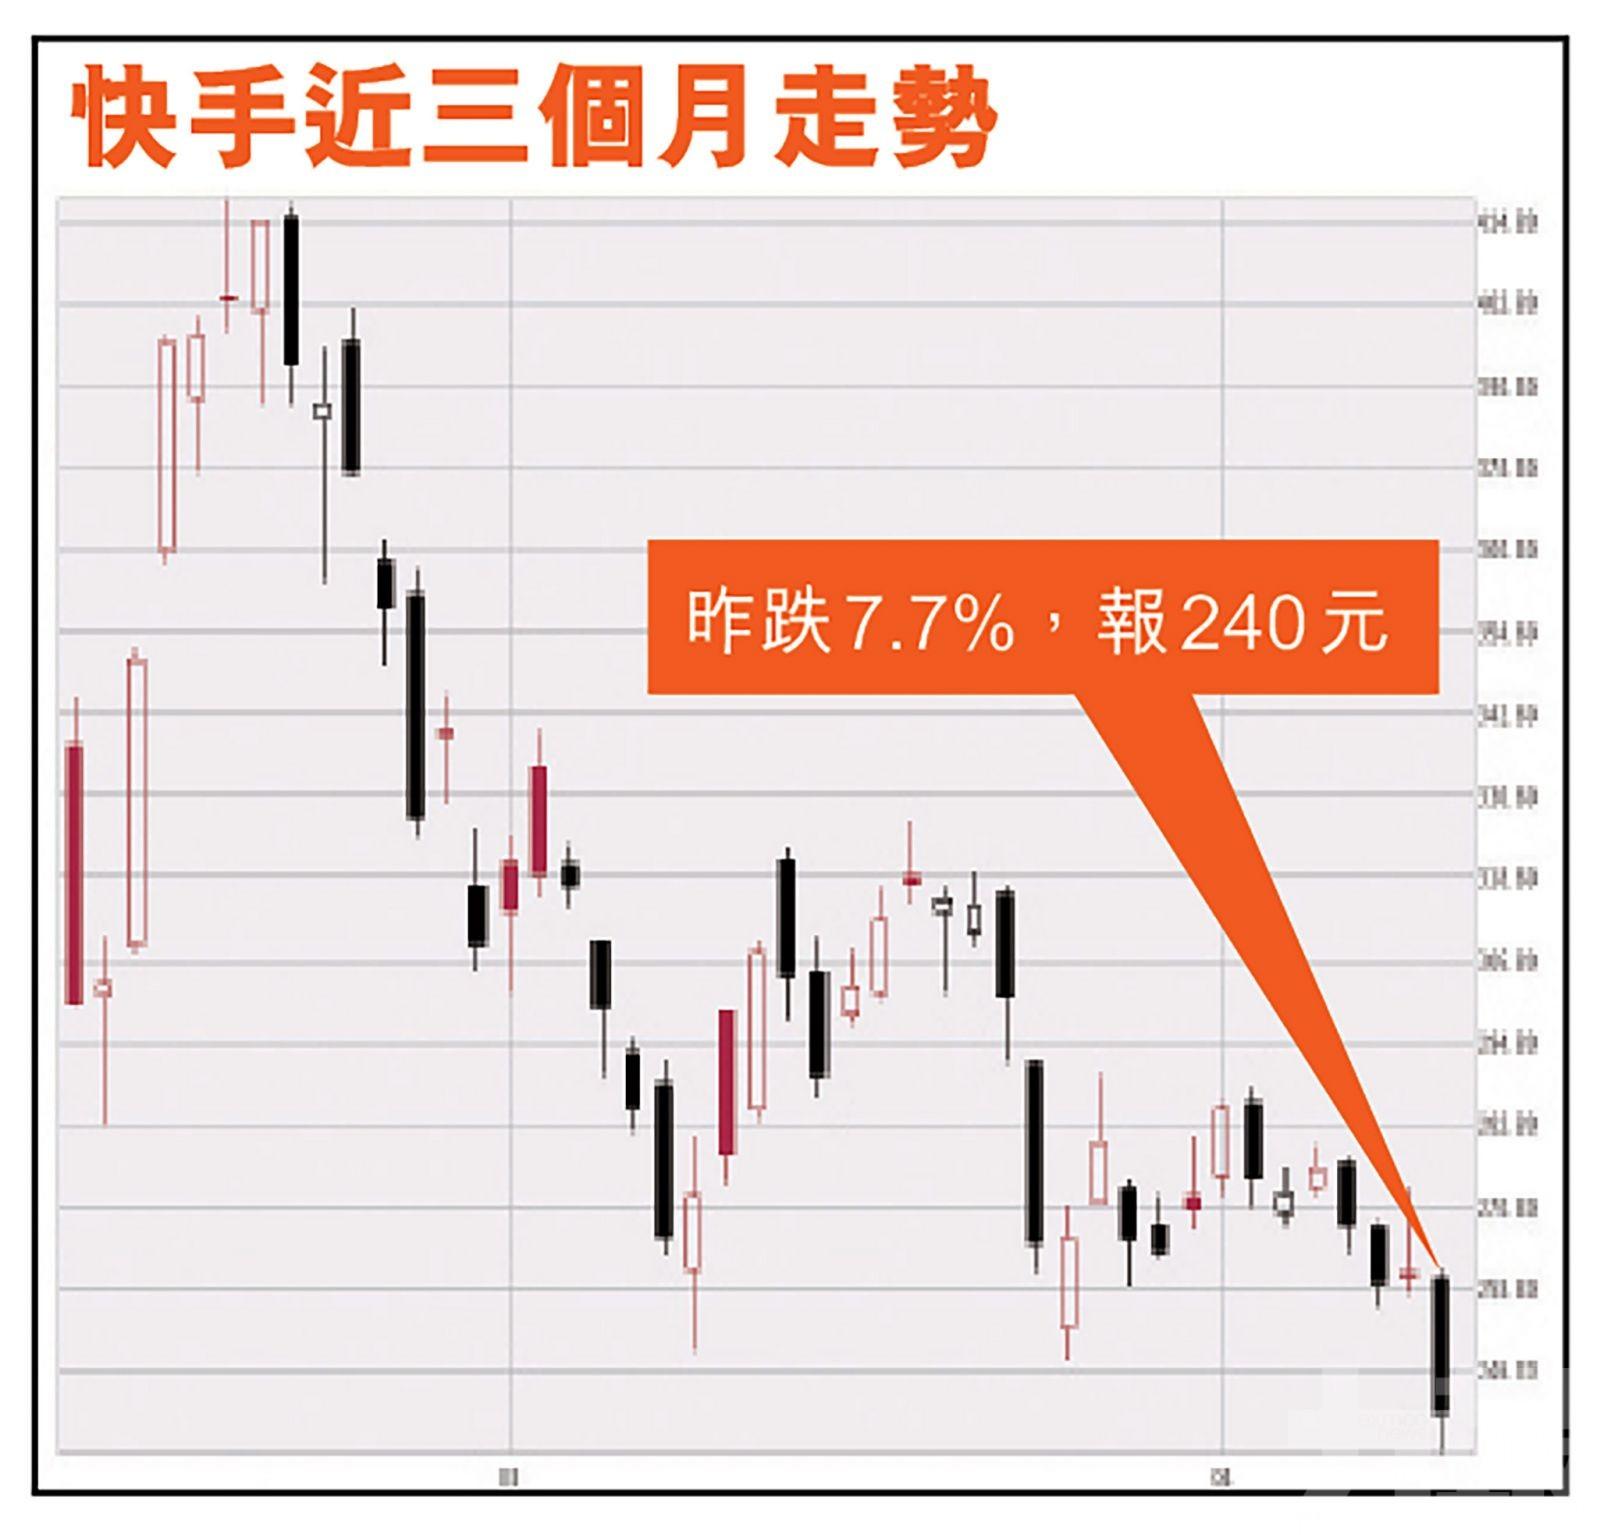 快手昨日插7.7%市值跌破萬億 創上市新低